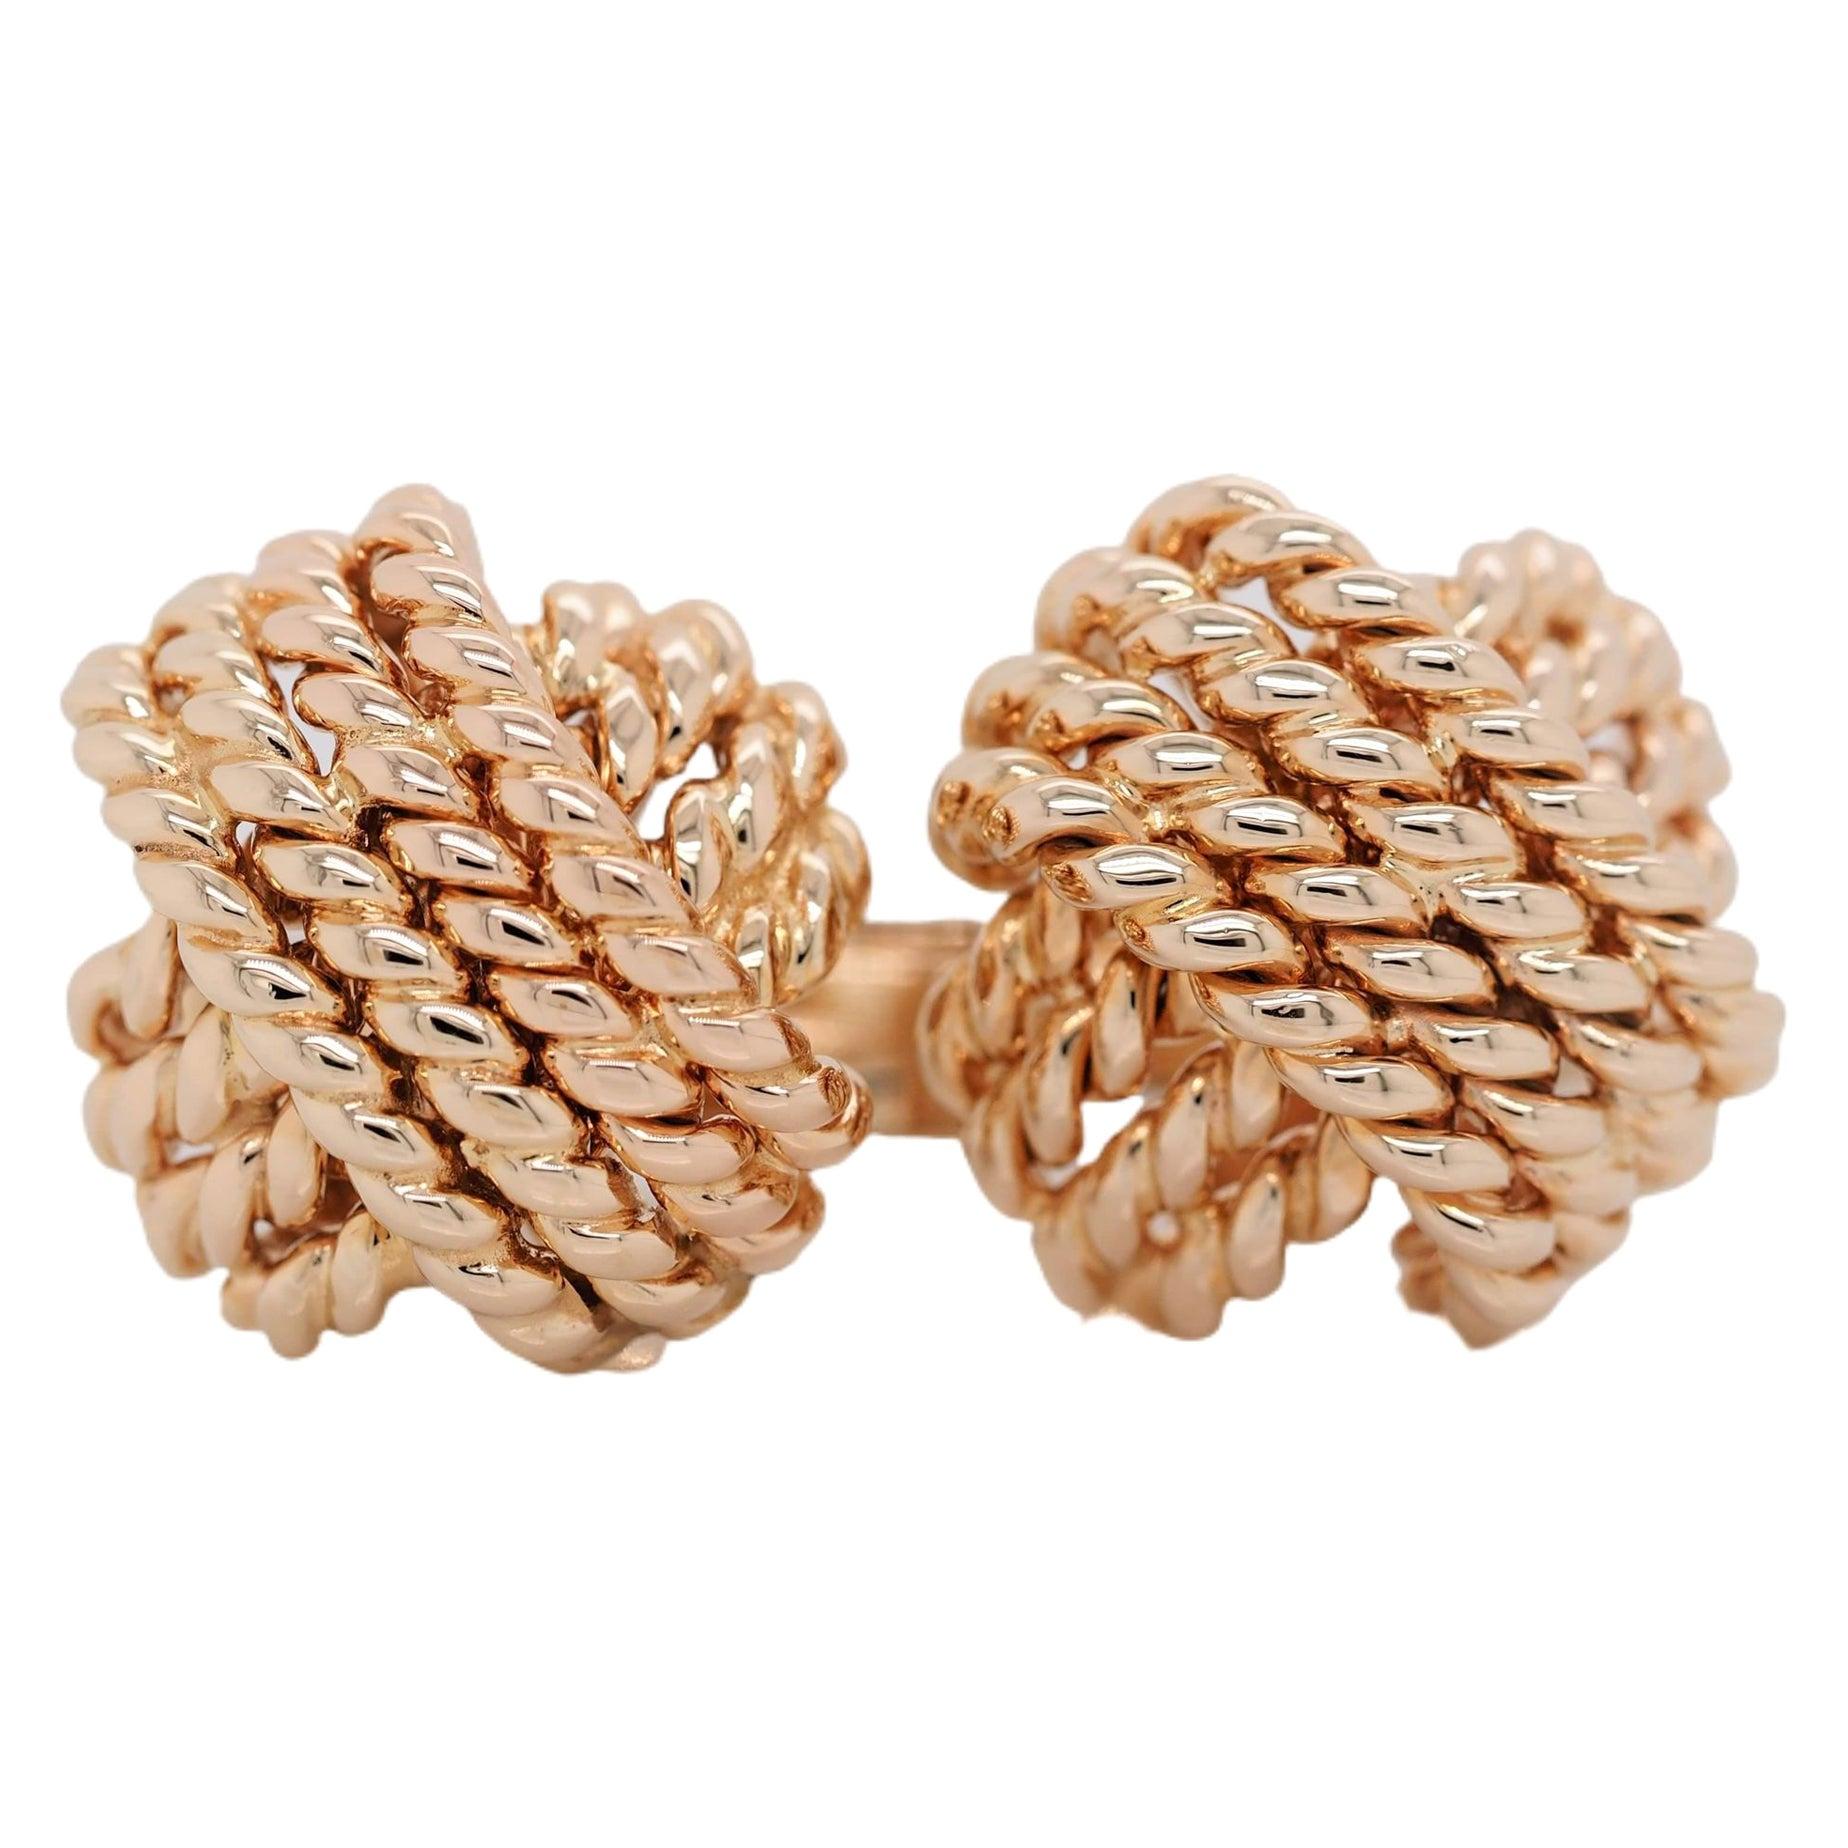 Verdura 14K Yellow Gold Rope Knot Cufflinks Rare